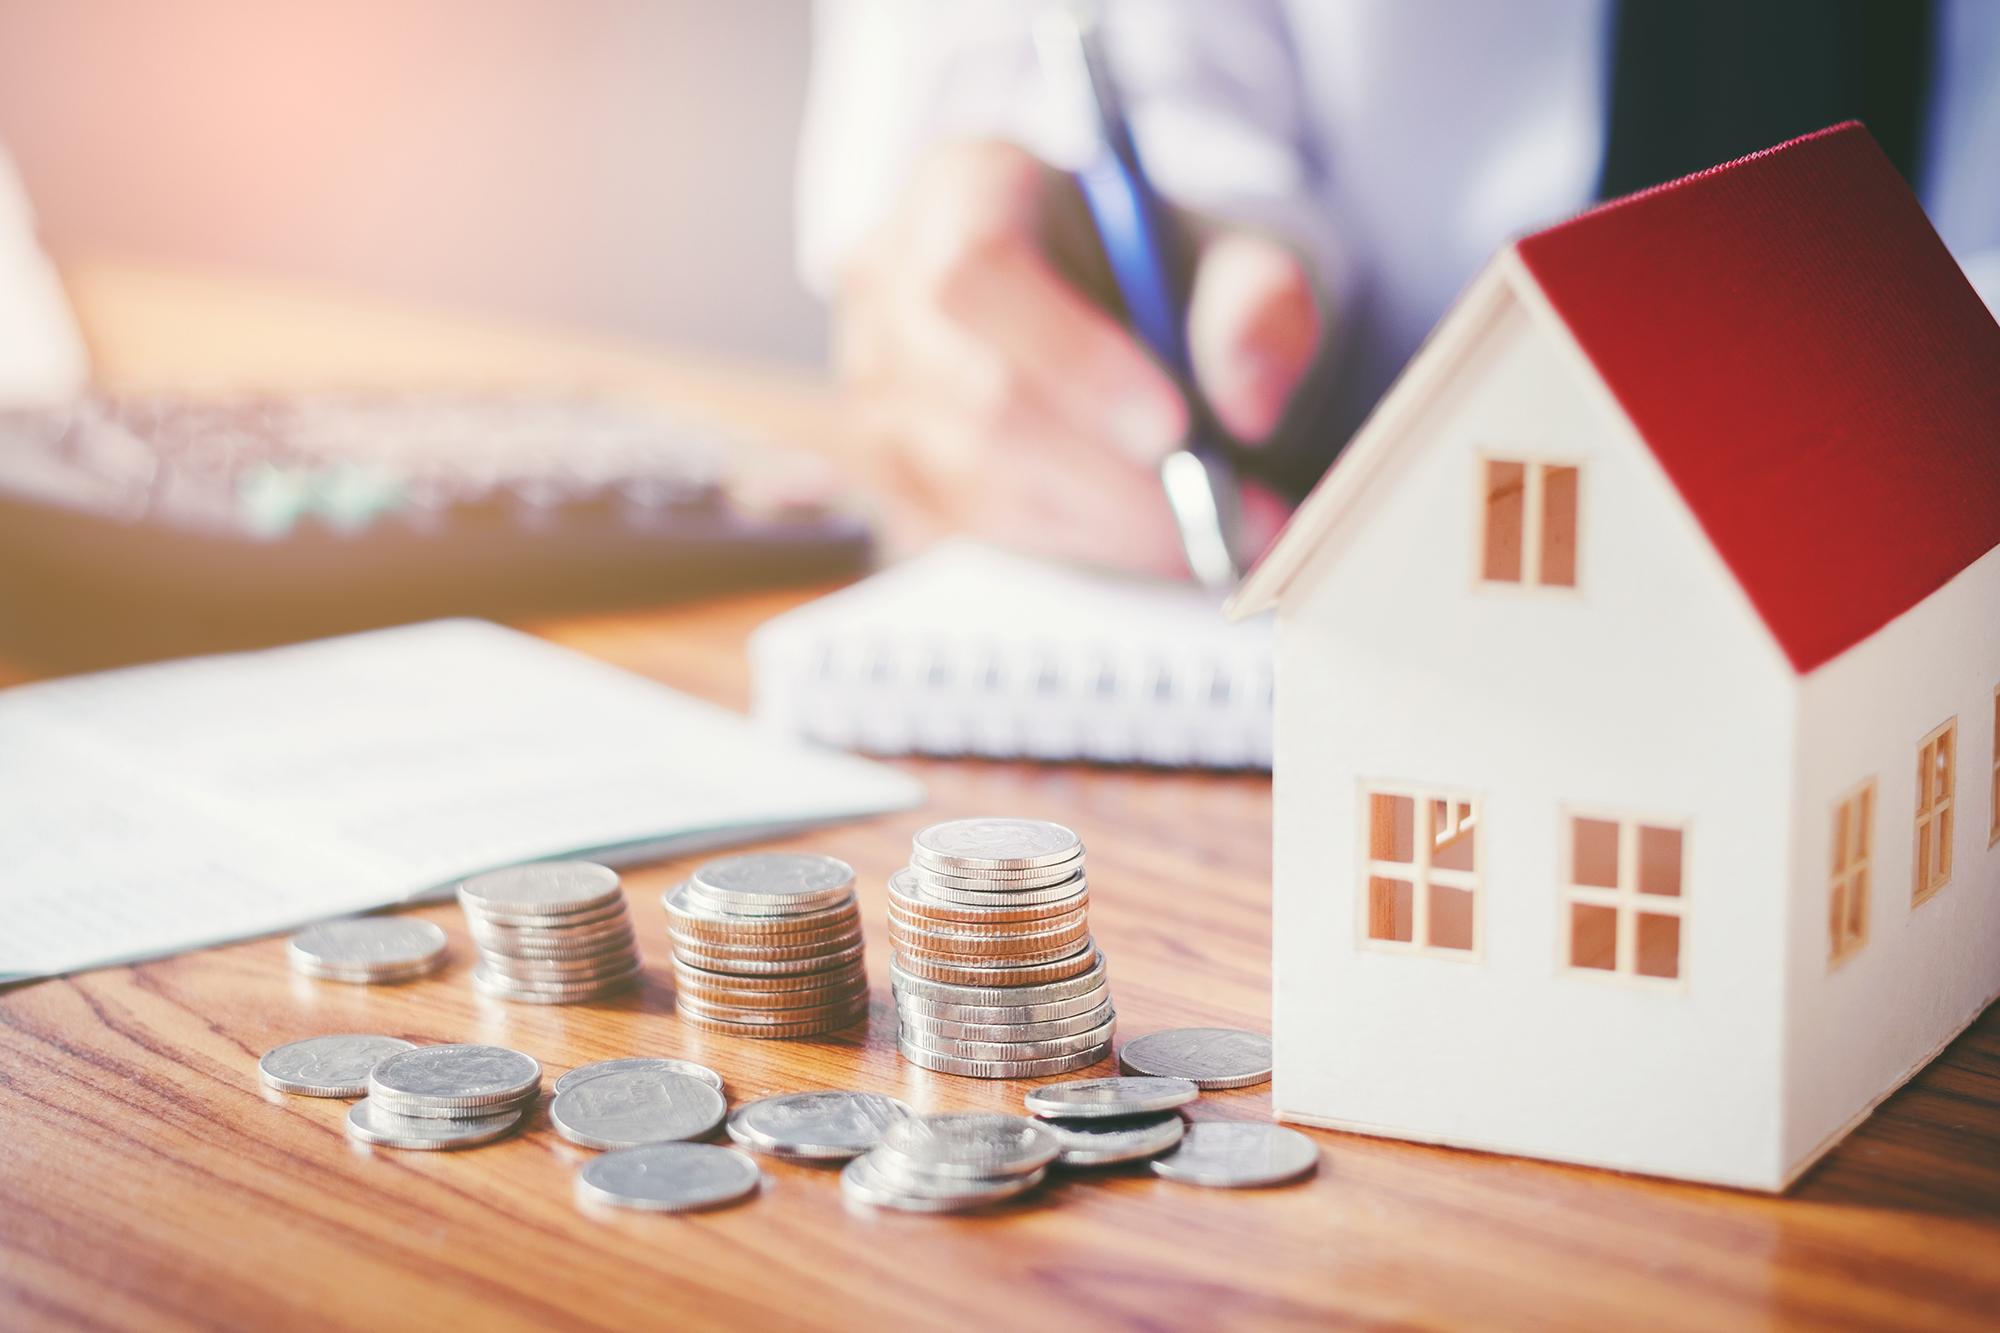 credito imobiliario